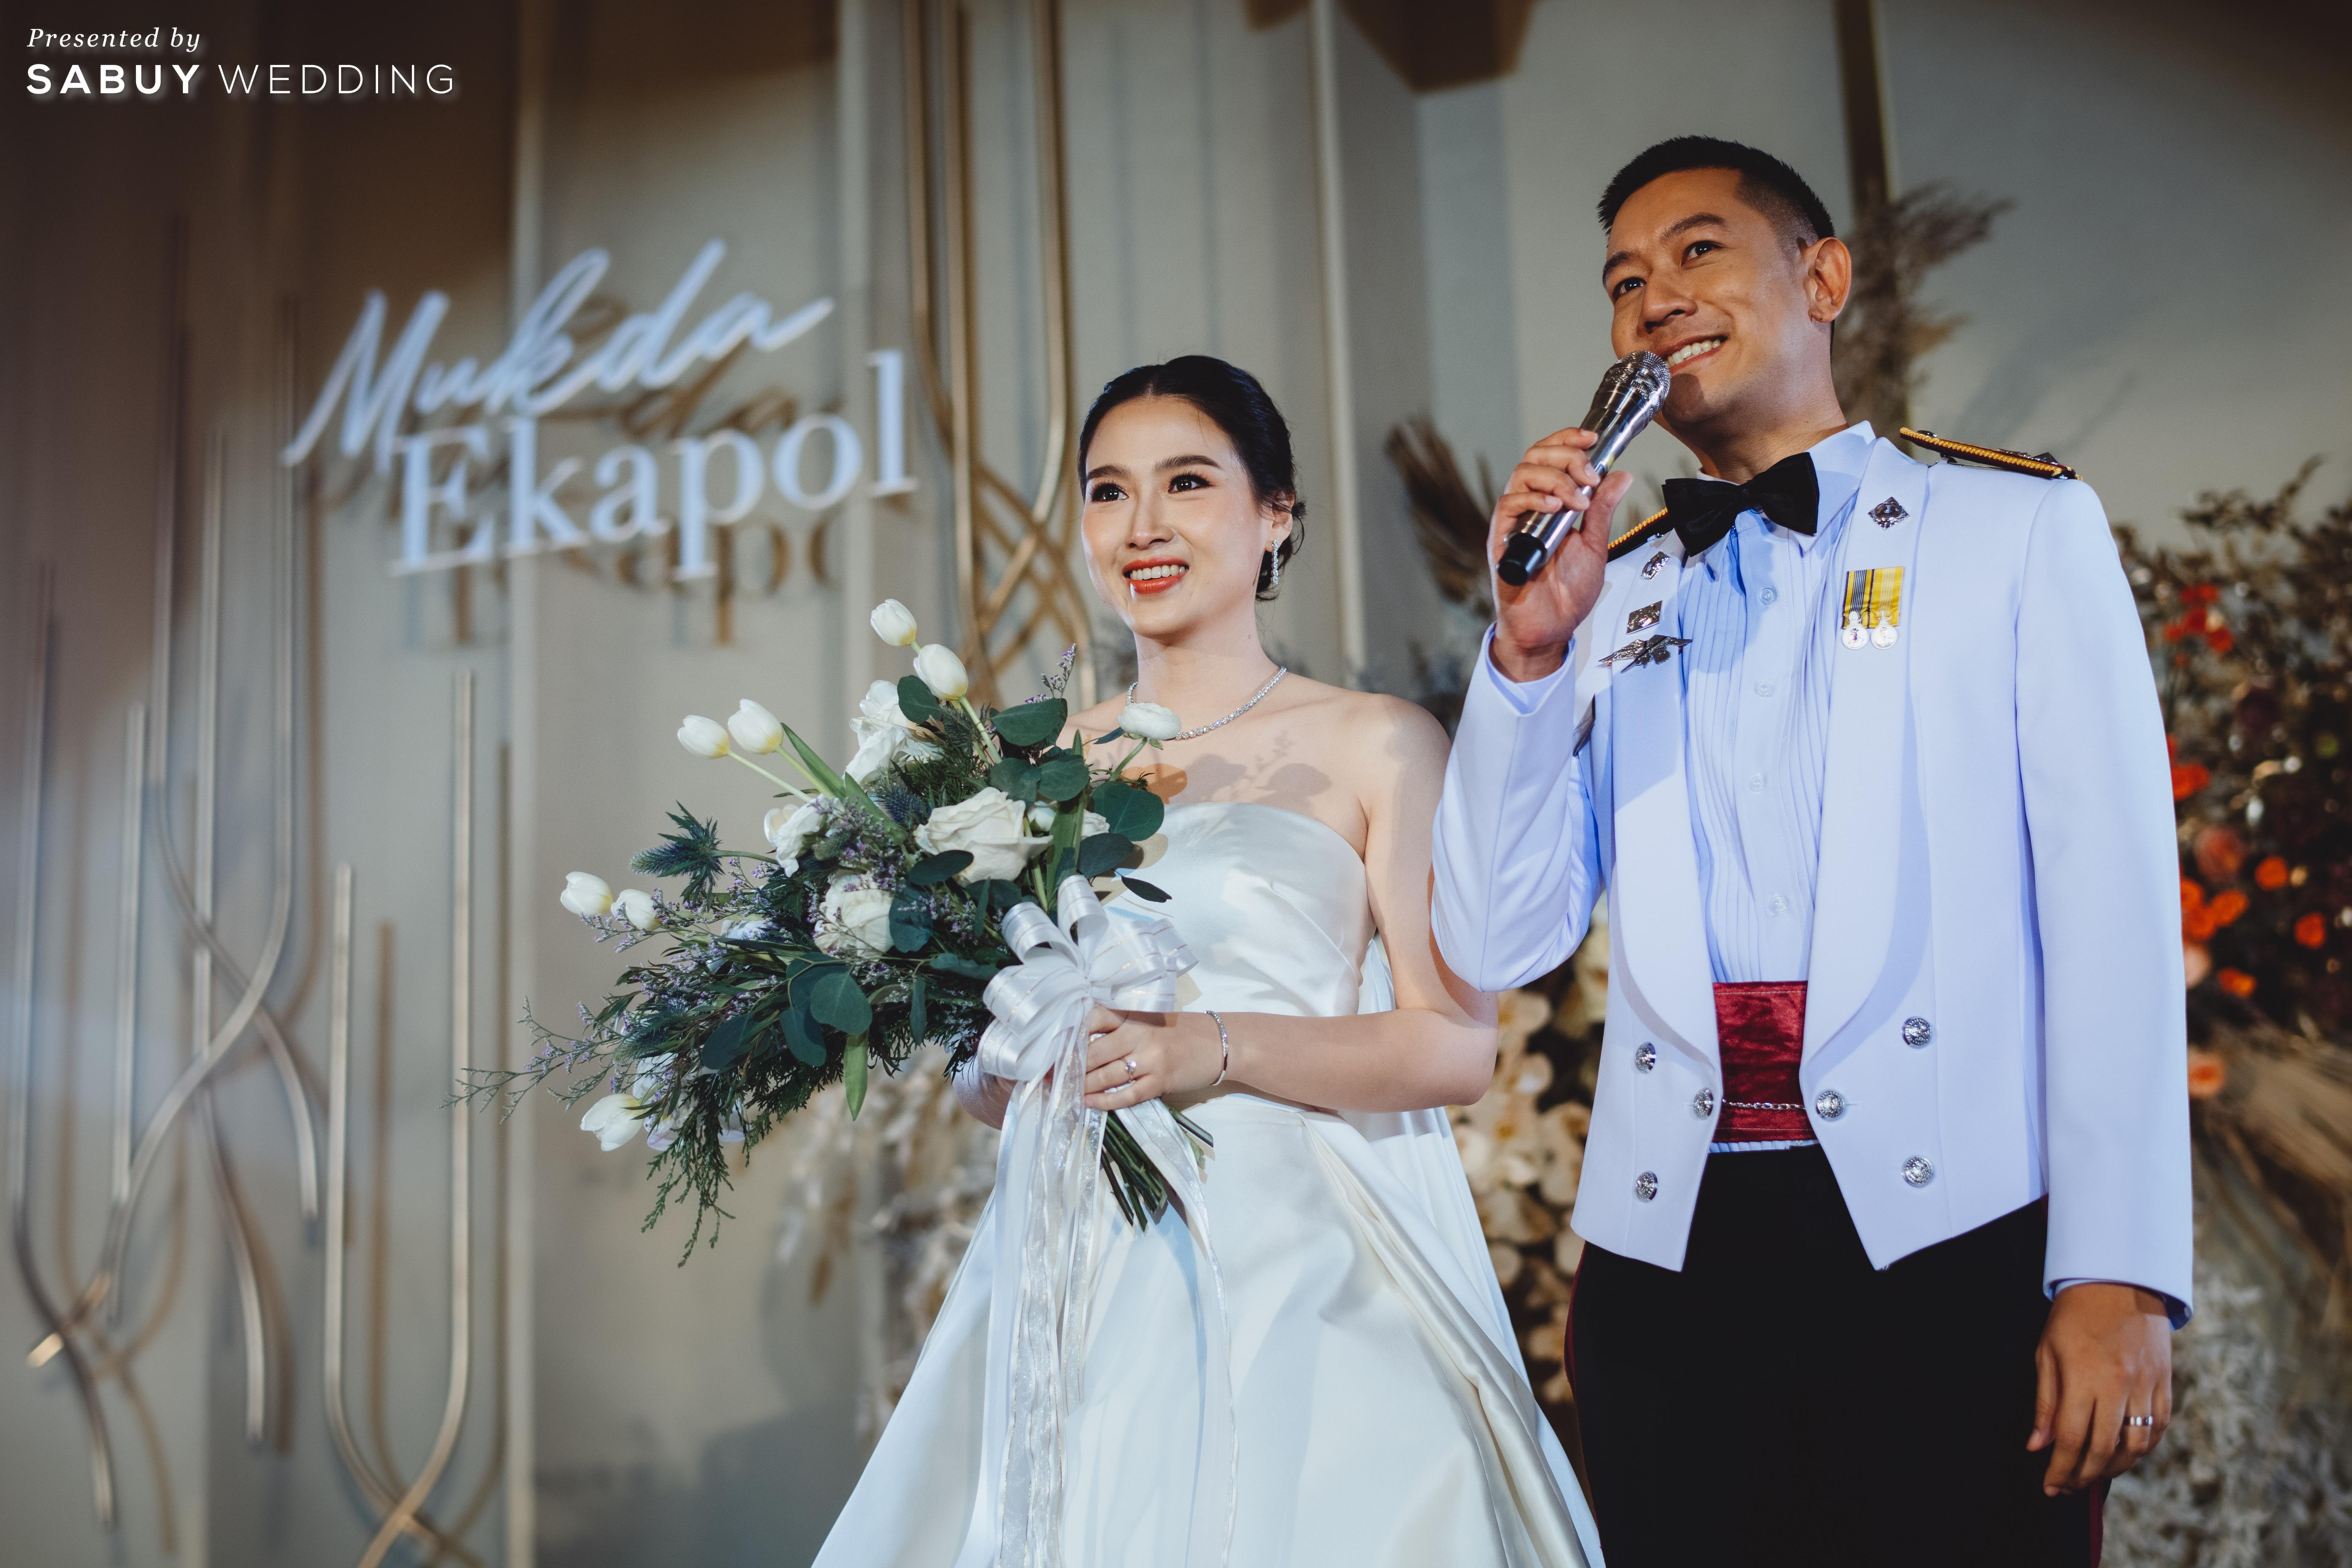 เจ้าสาว,แต่งงาน,ดอกไม้เจ้าสาว รีวิวงานแต่งโทนสีแชมเปญ สวยเรียบหรู ดูโมเดิร์น @ Sofitel Bangkok Sukhumvit